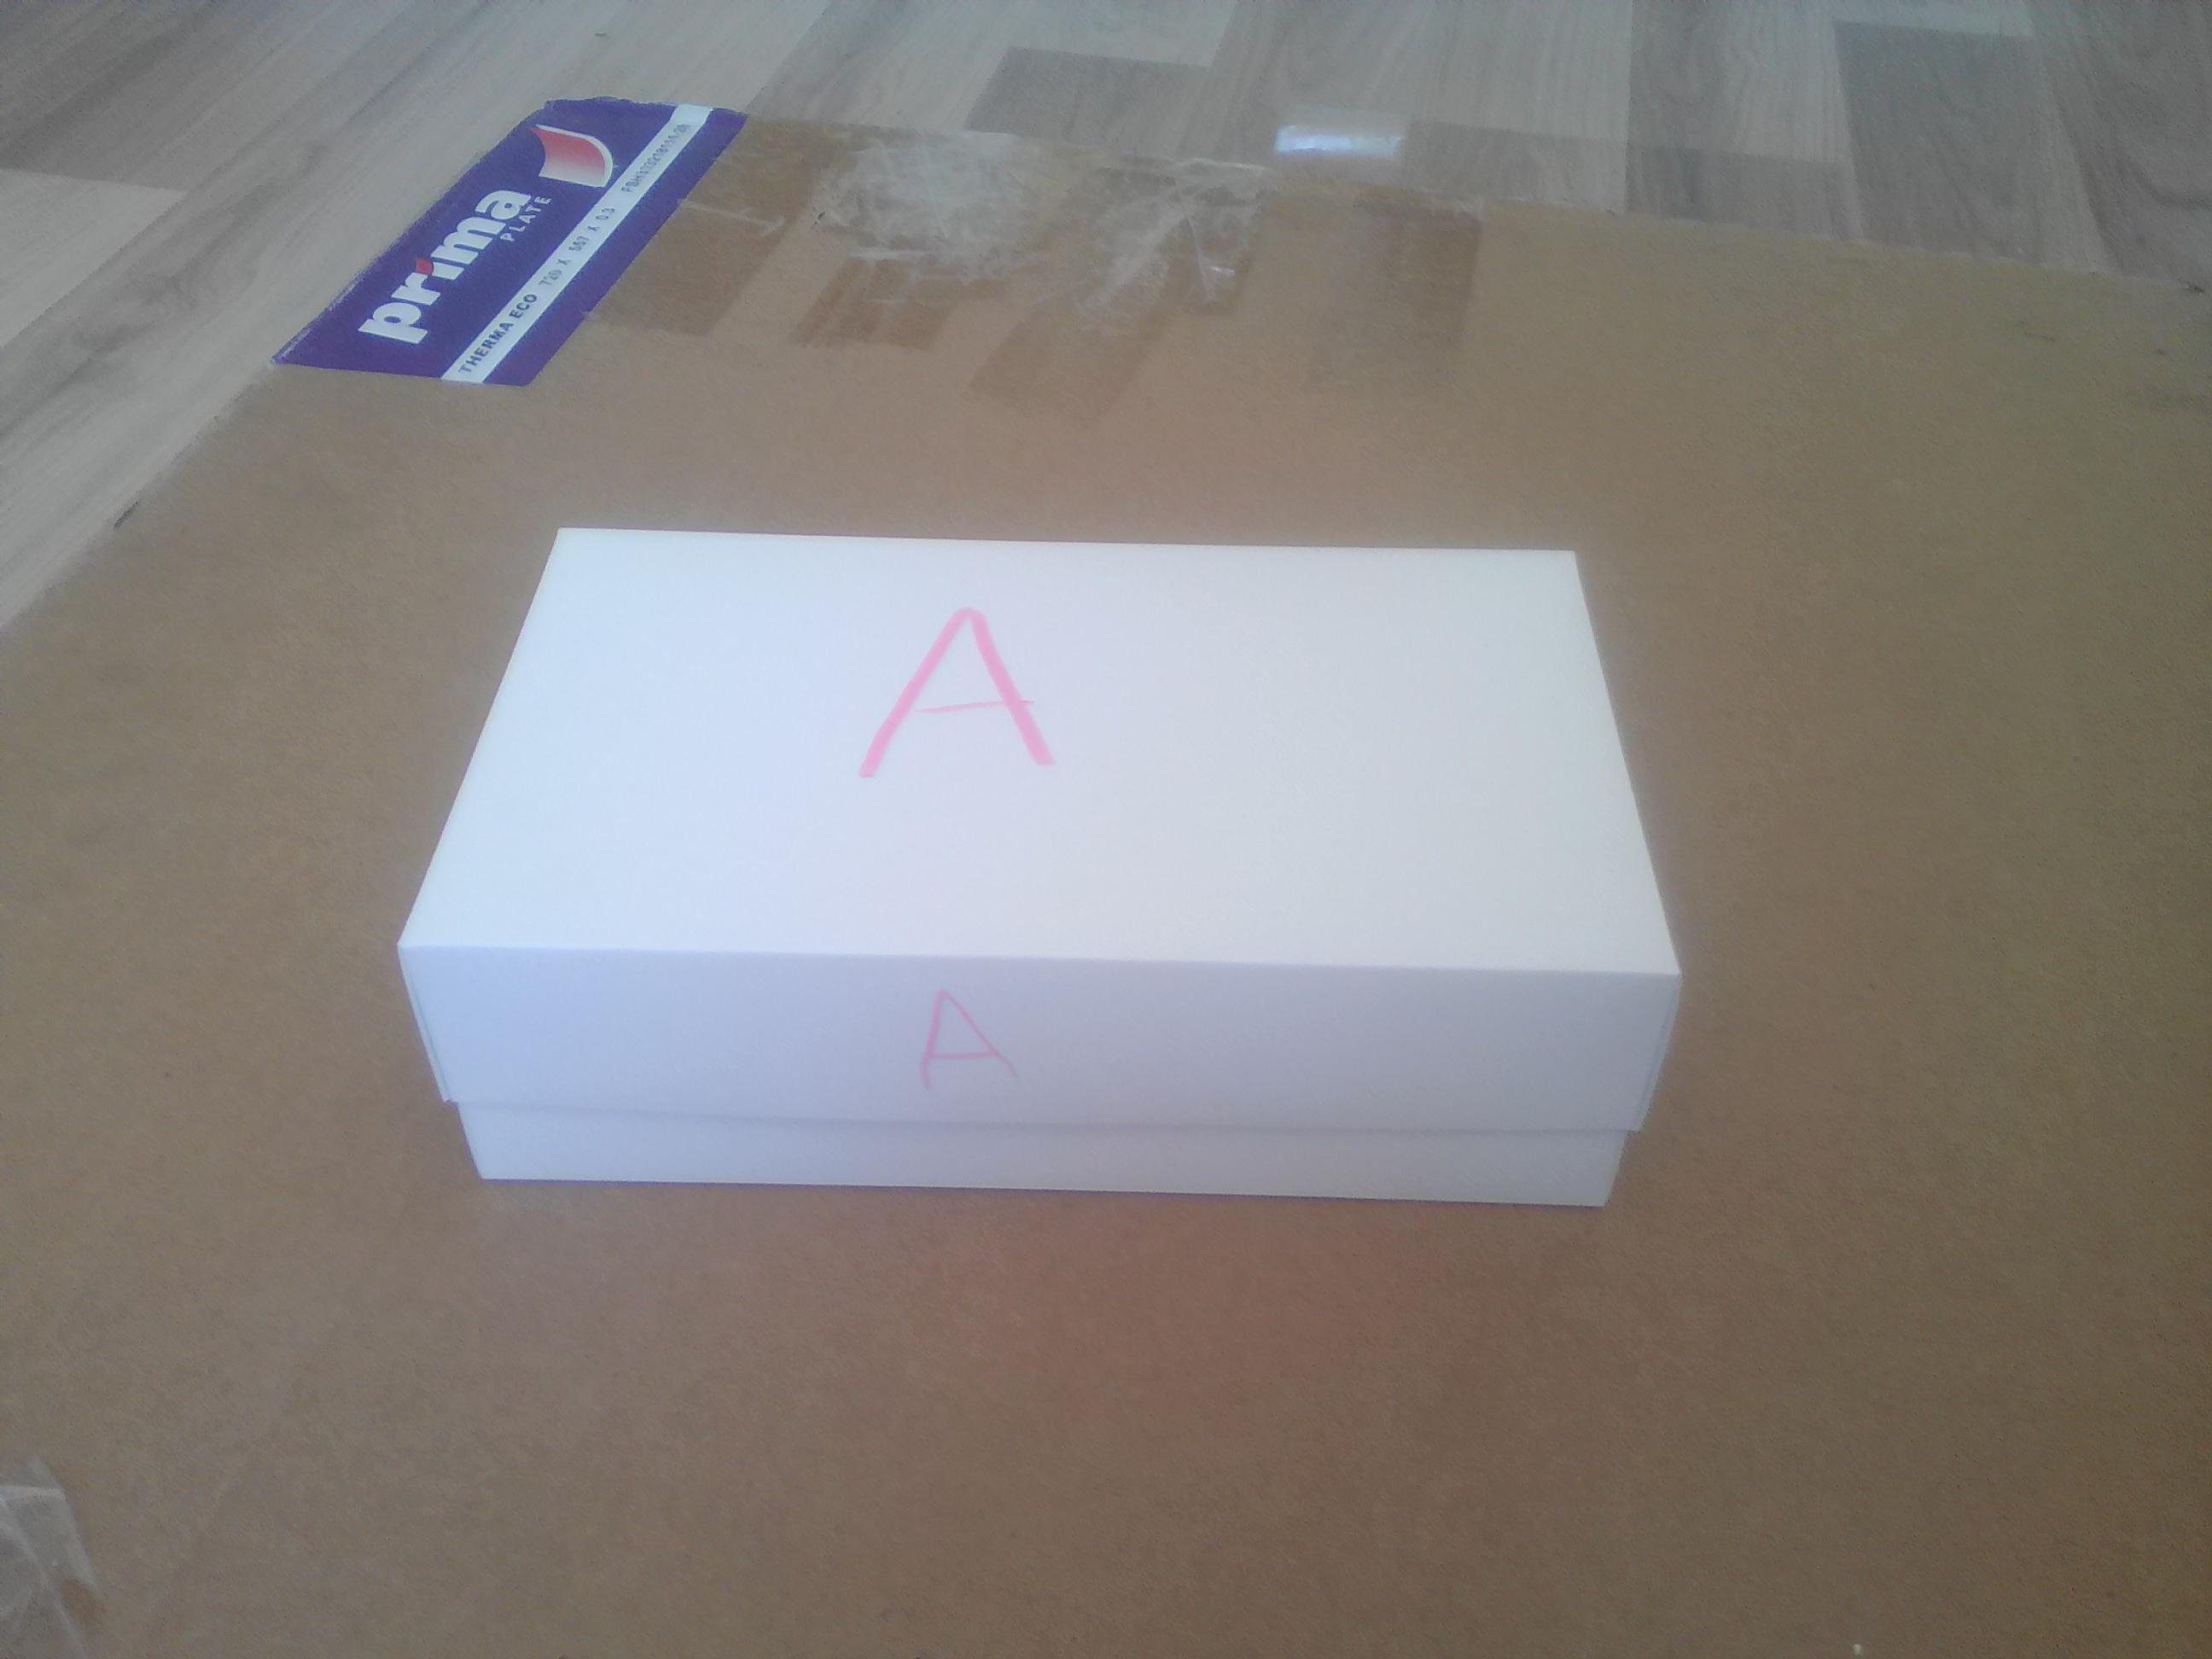 Дизайн подарочной-сувенирной коробки: с чаем и варением фото f_4695a51c76d8cd39.jpg